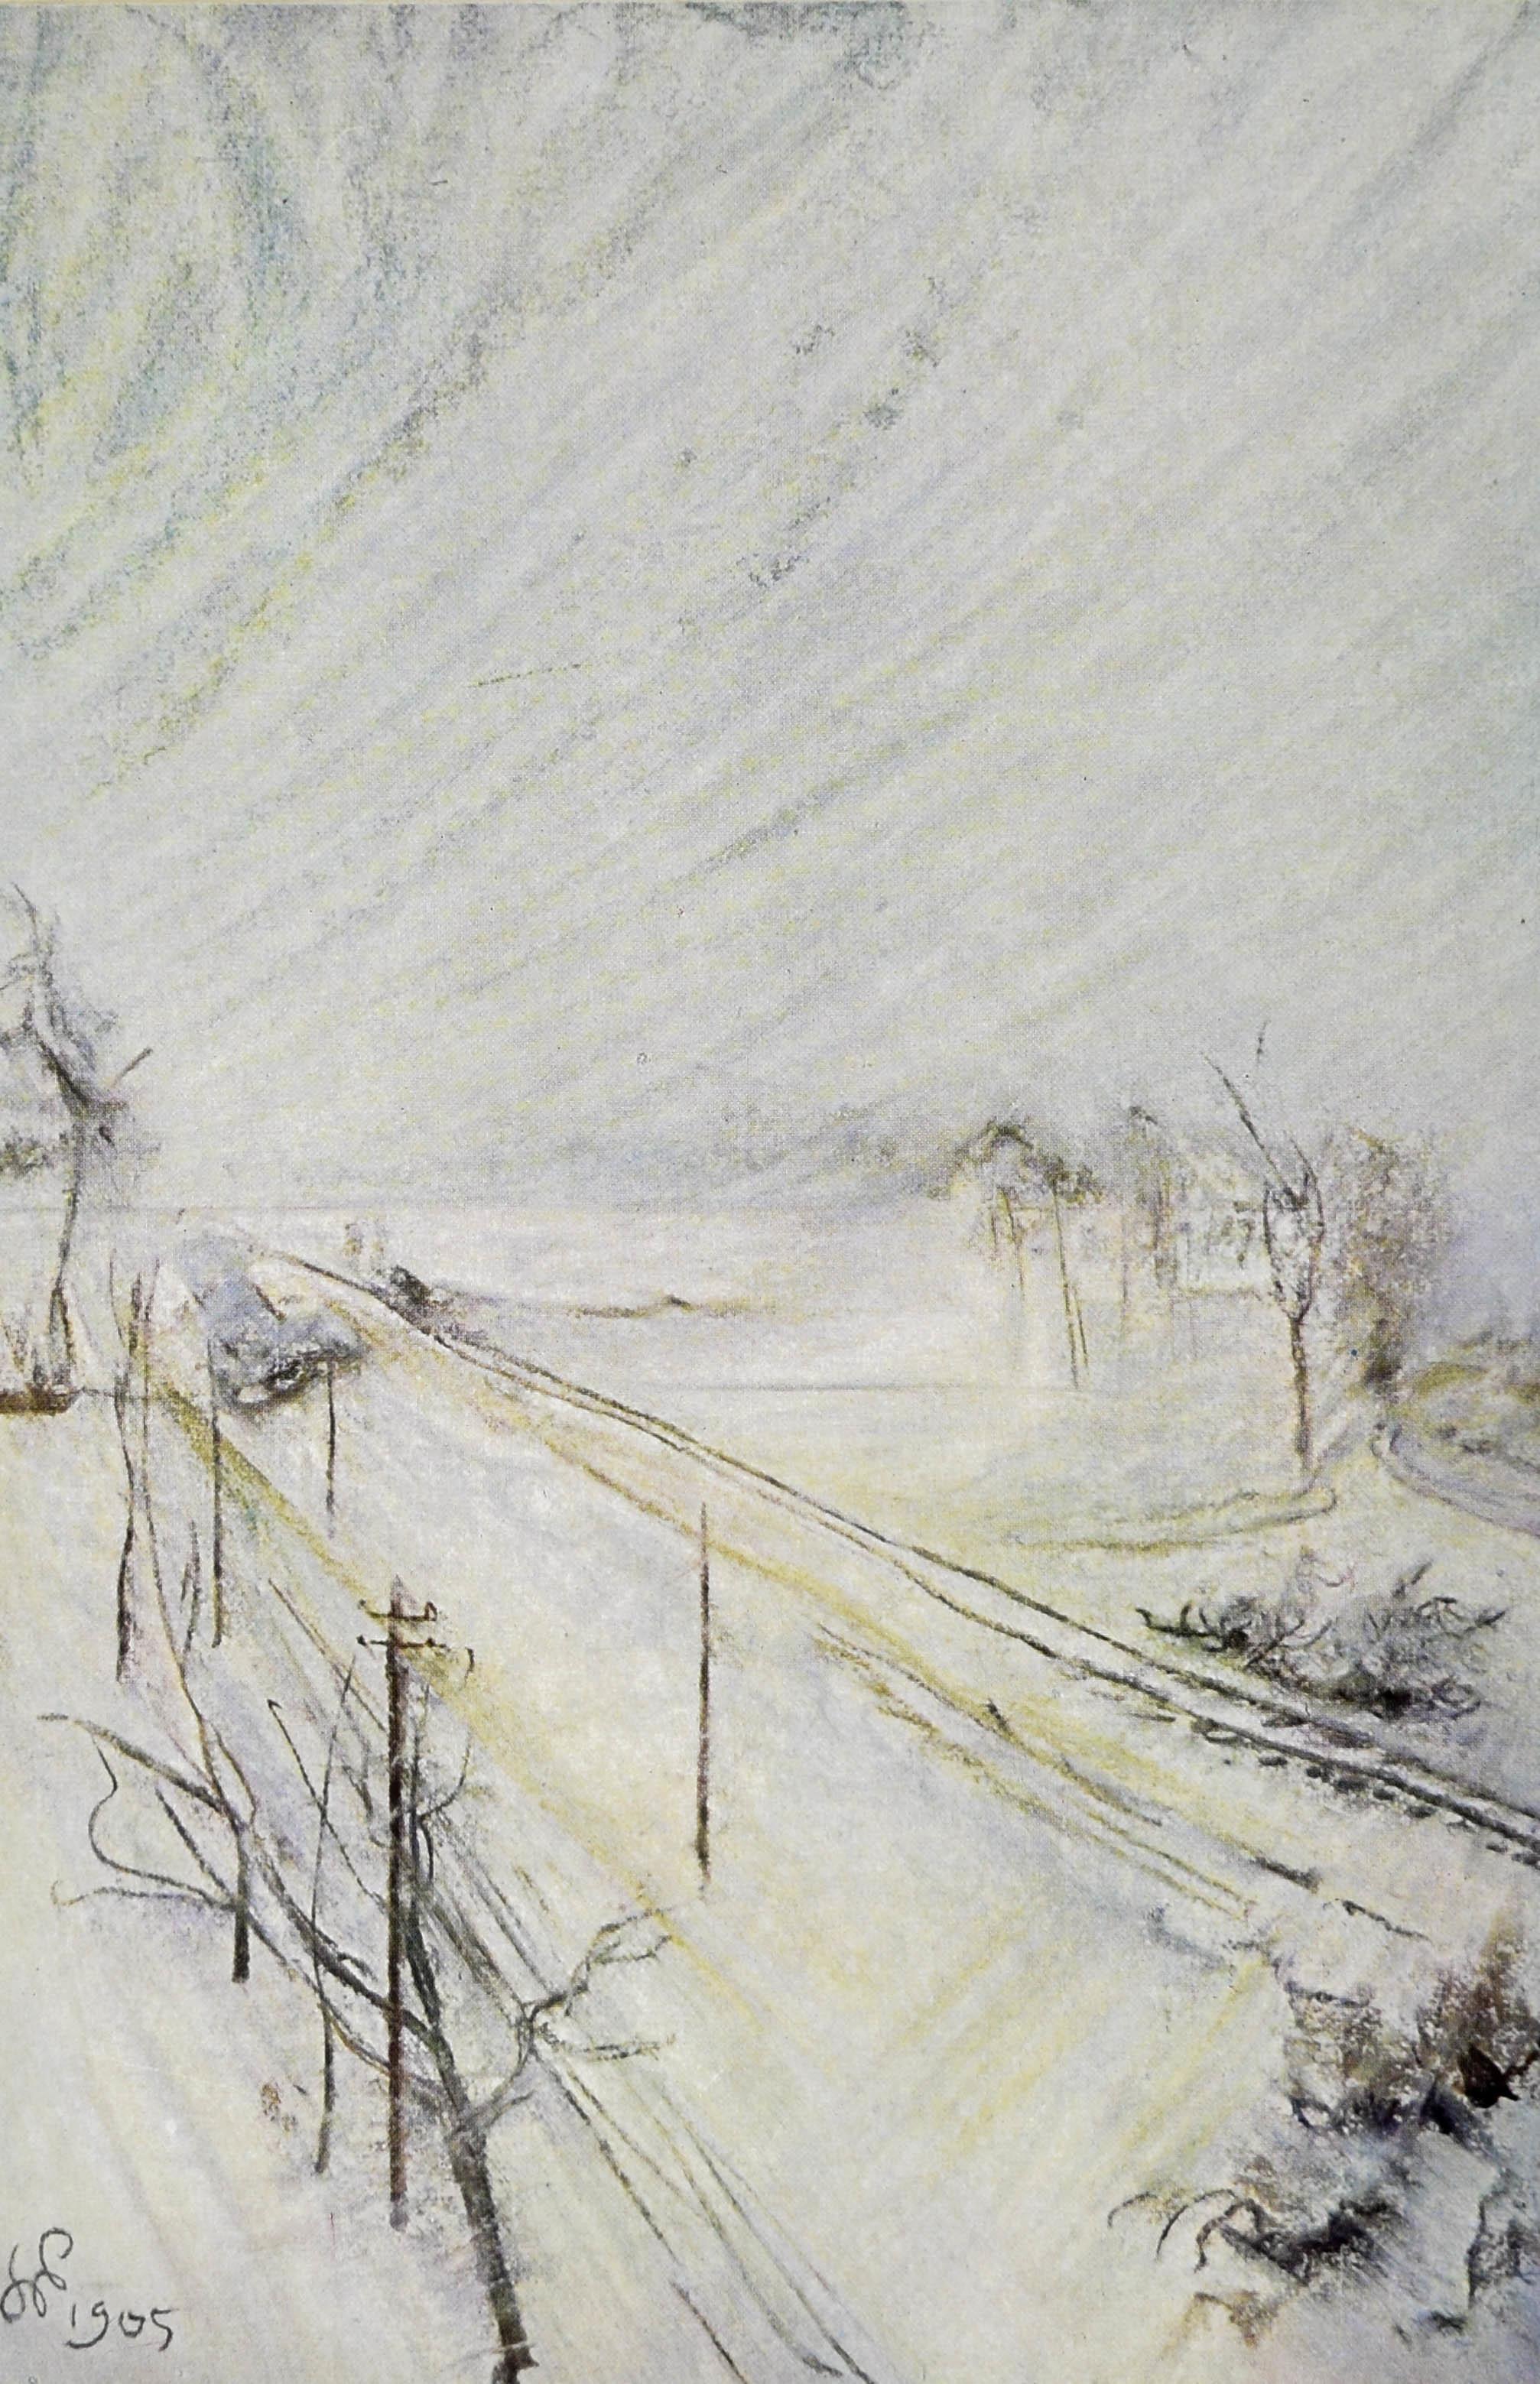 Pejzaż, 1905